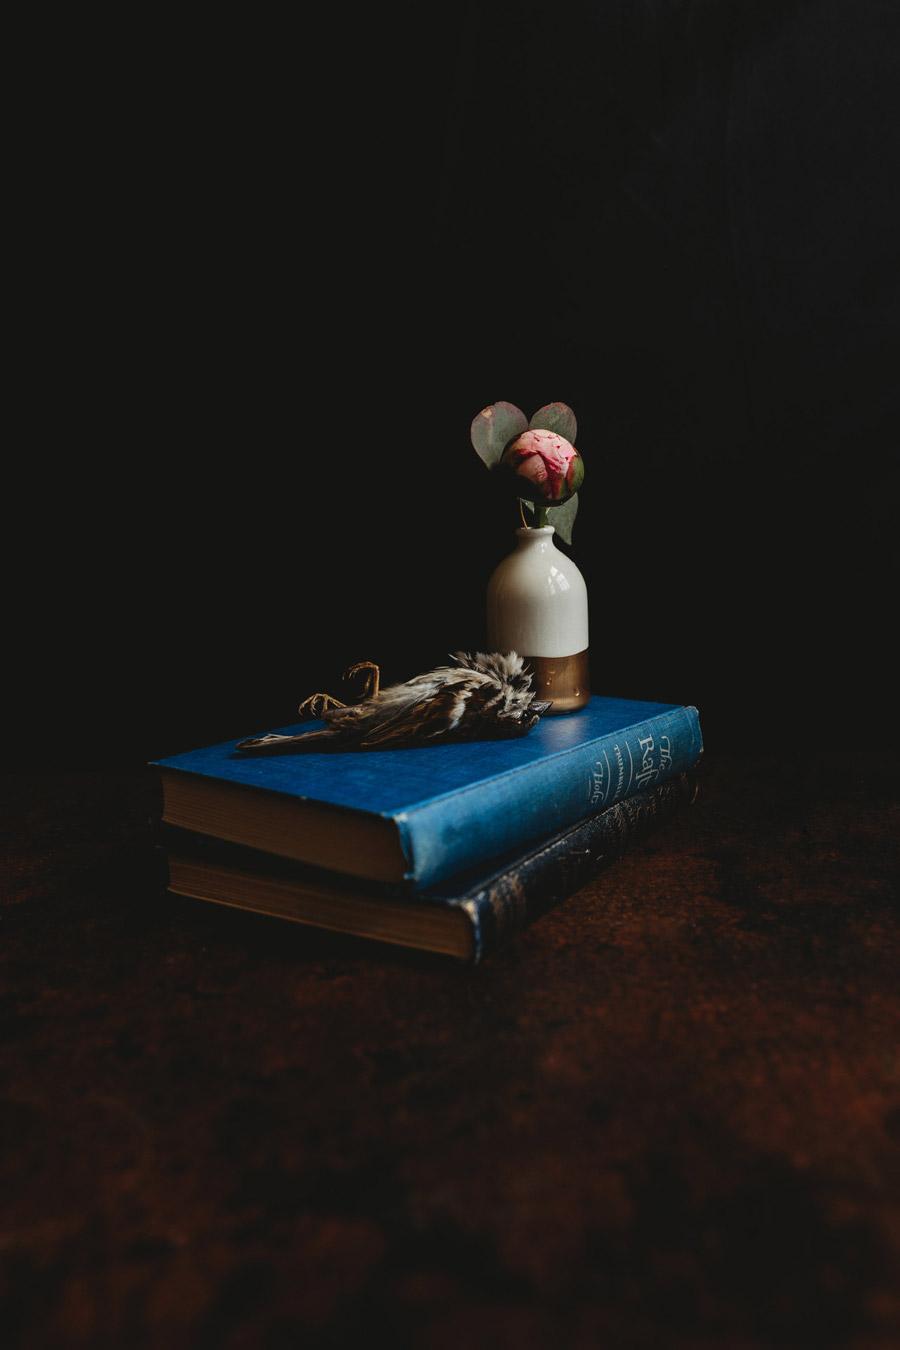 Без названия, © Эбигейл Майлз, Нина, США, Первое место в категории «Натюрморт», Фотоконкурс «Художественная фотография» — Fine Art